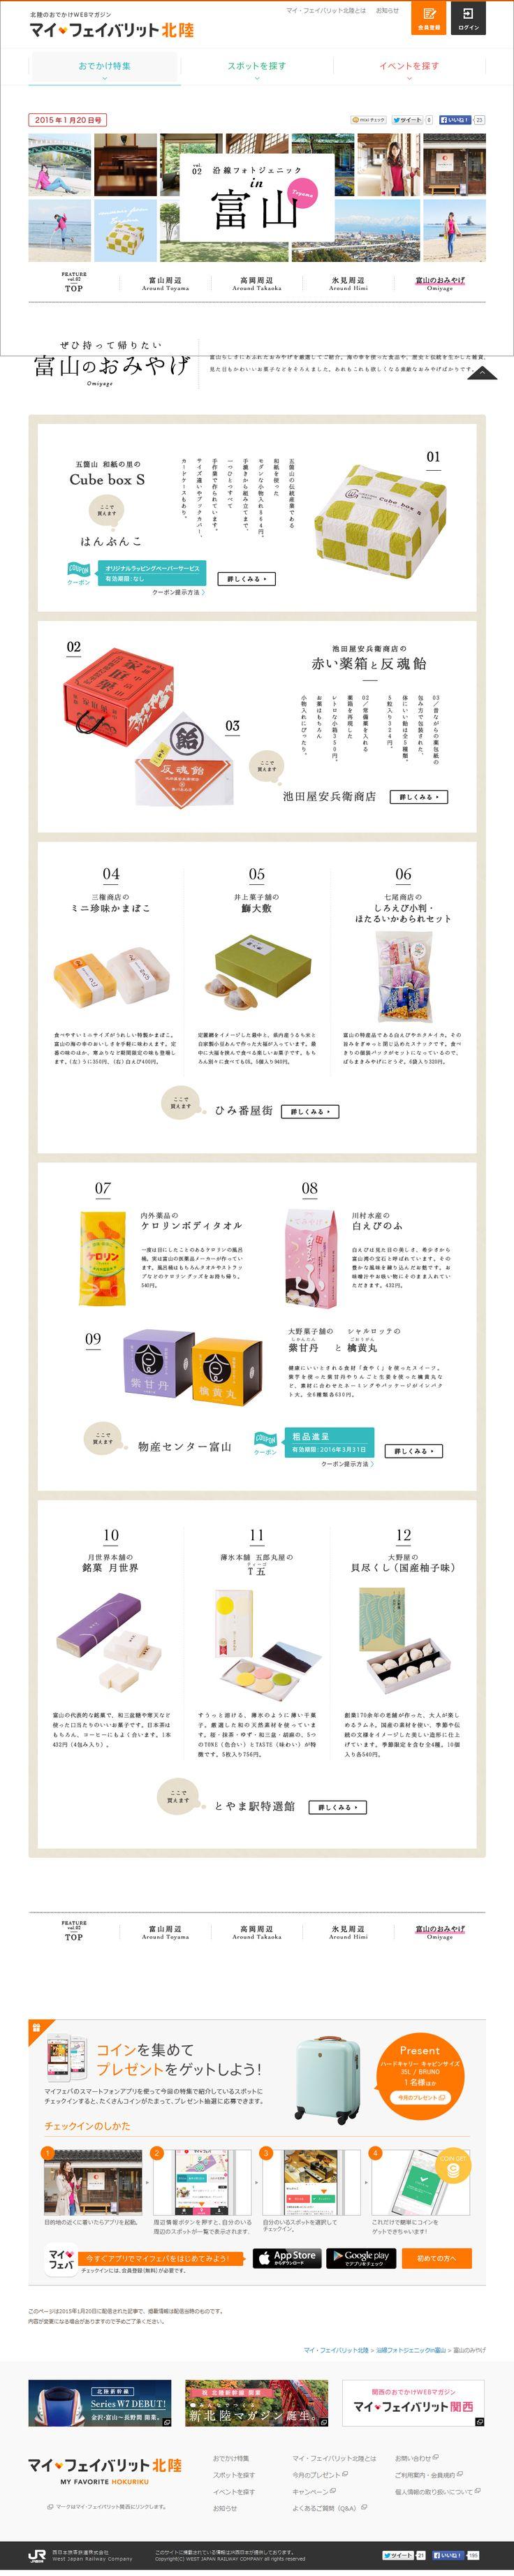 http://hokuriku.my-fav.jp/feature/2/omiyage/